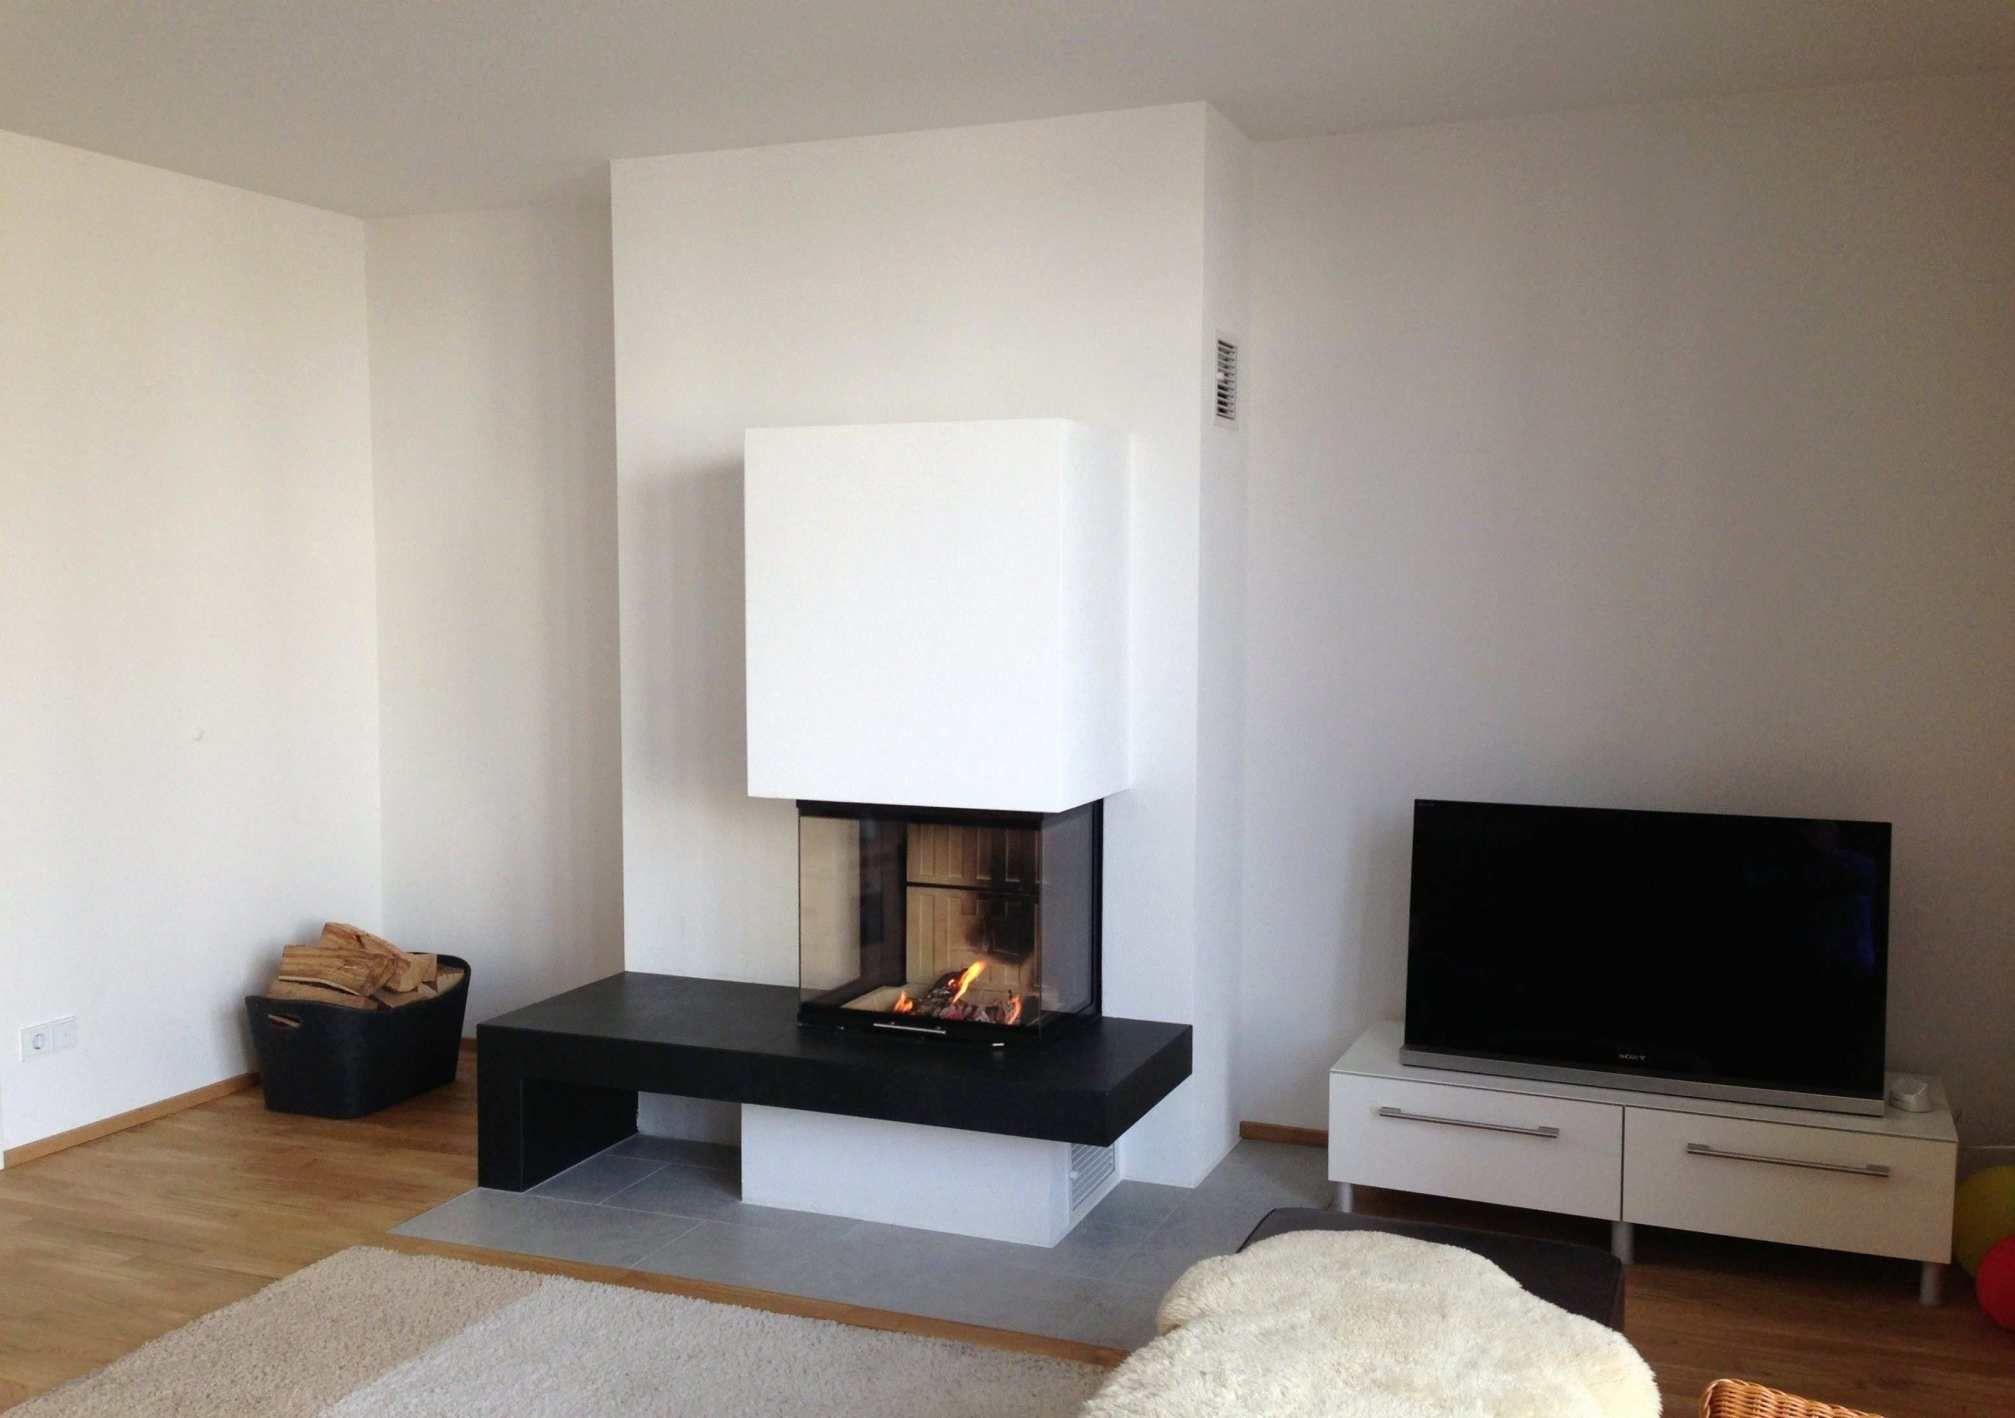 Fireplace Shop Best Of 11 Elegant Bild Von Kamin Hitzeschutz Möbel